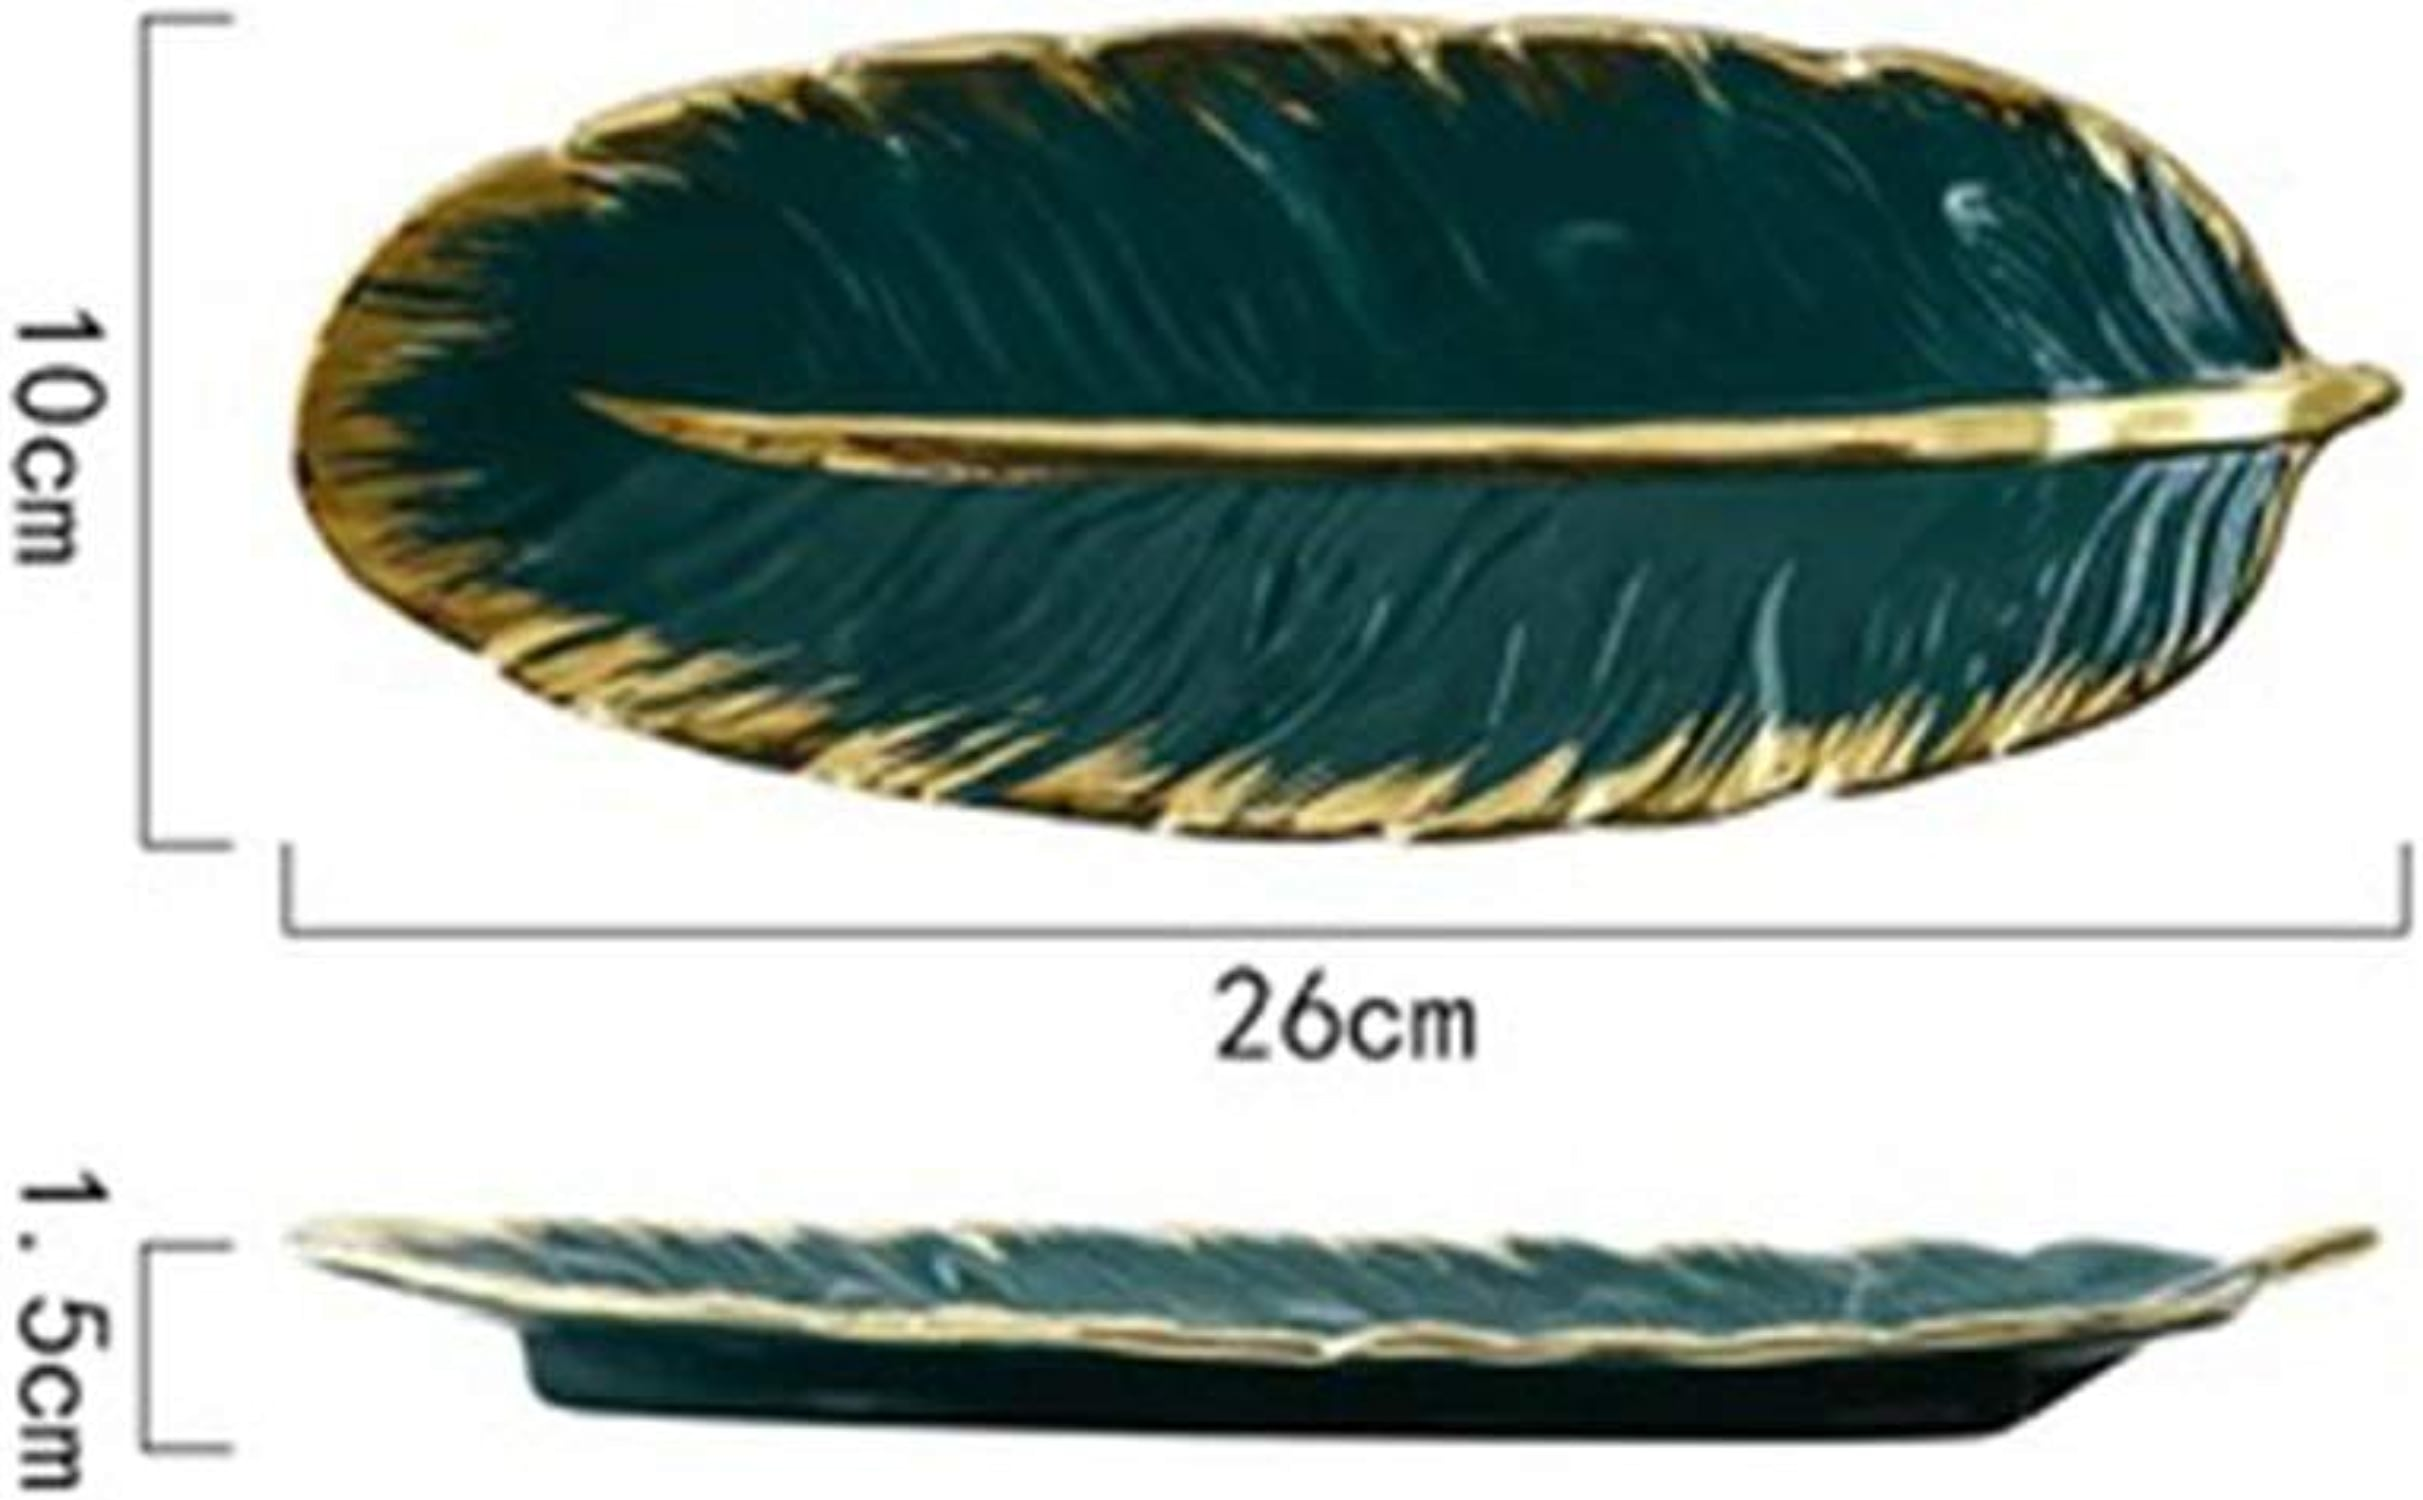 TAO 2 plats plaque feuille plat de poisson restaurant maison créative nordique vaisselle plaque en céramique plat unique (Couleur   A)